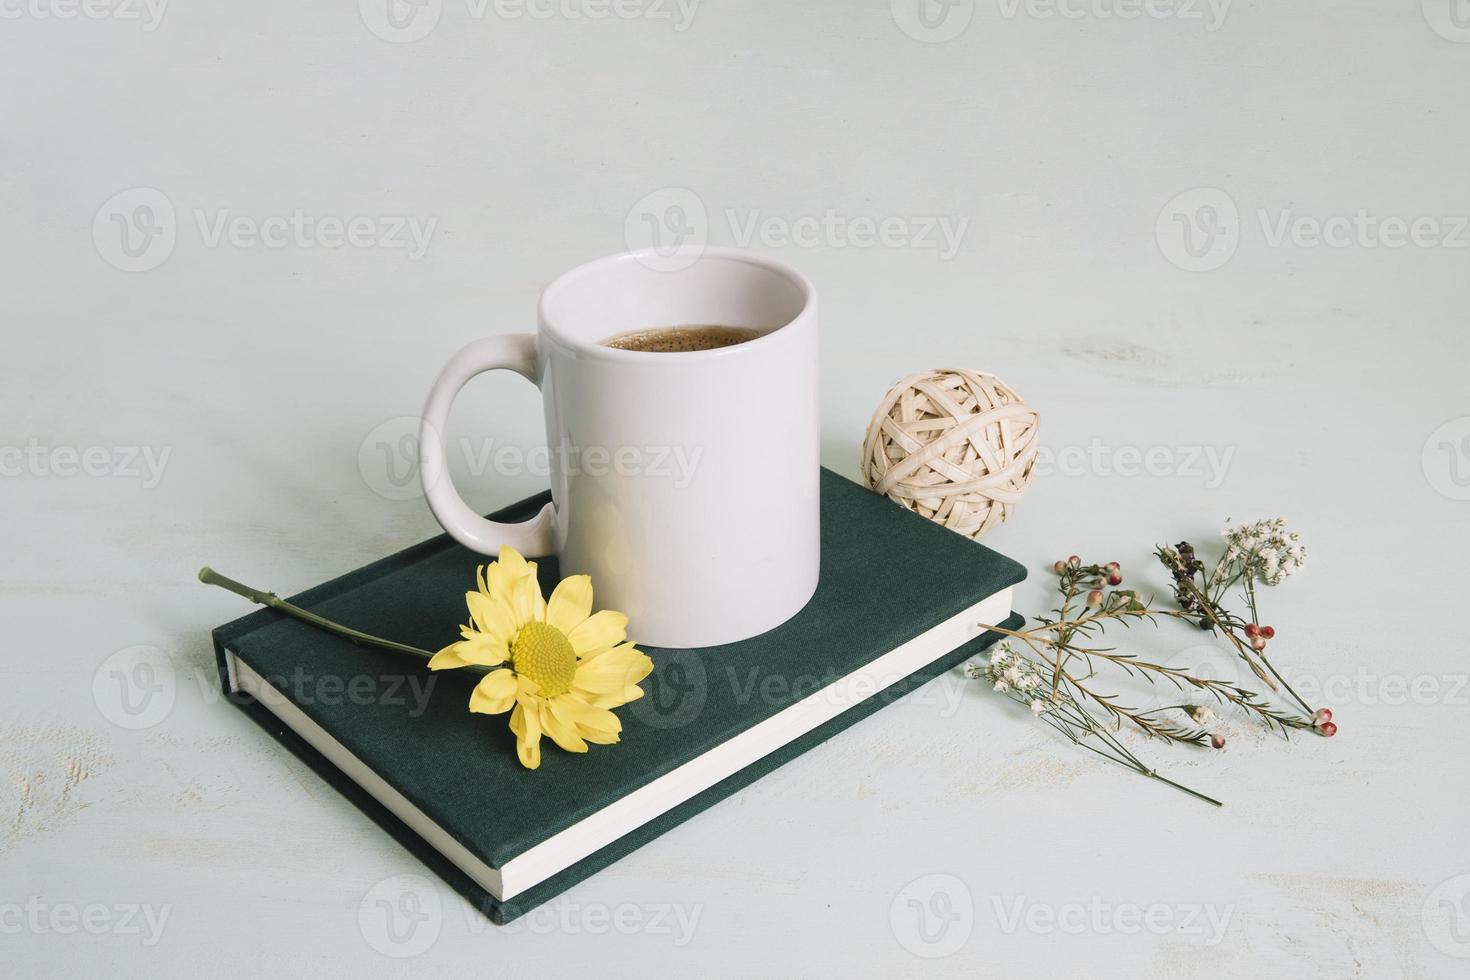 mugg och blomma på en anteckningsbok foto